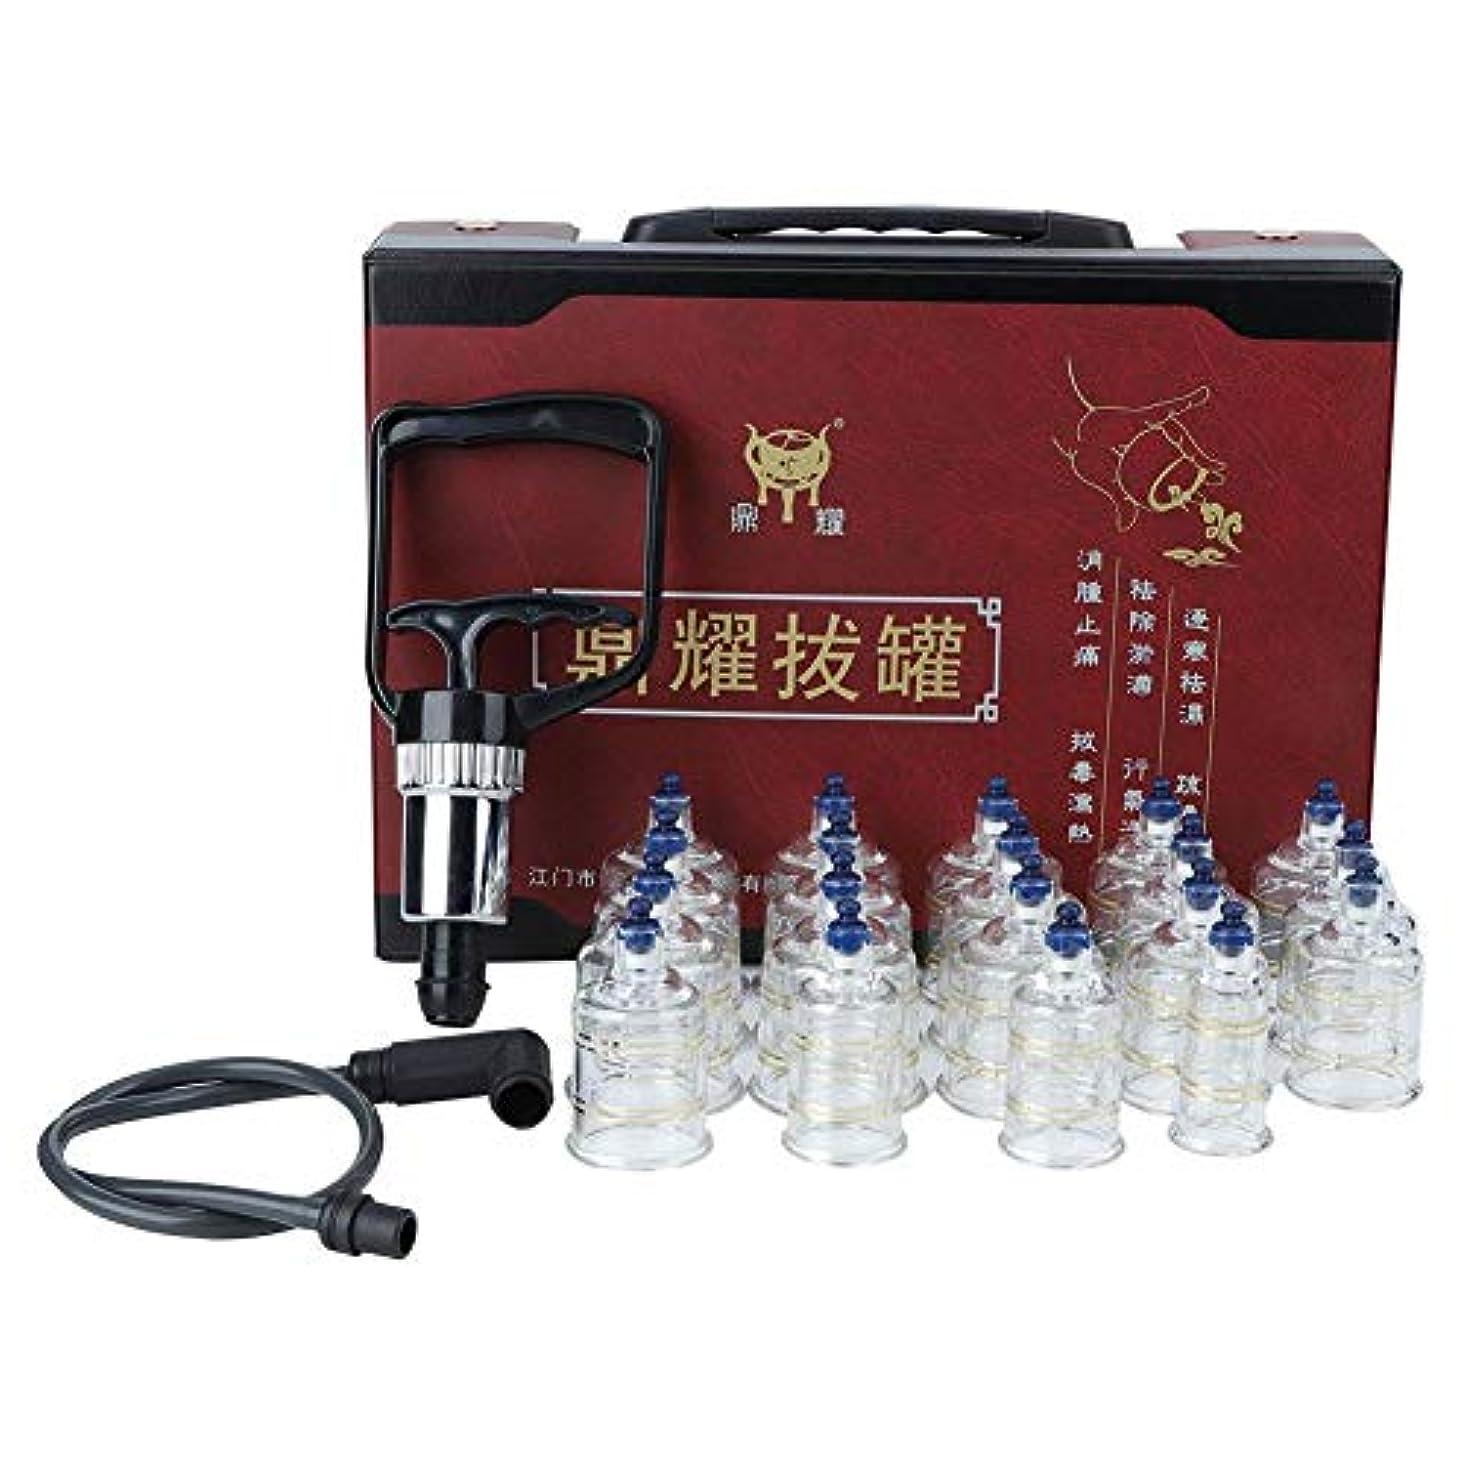 展開する赤期間カッピングセット中国のツボカッピング療法セット、吸引カップジャー真空カッピングセットマッサージセラピーマッサージ用カッピングツール